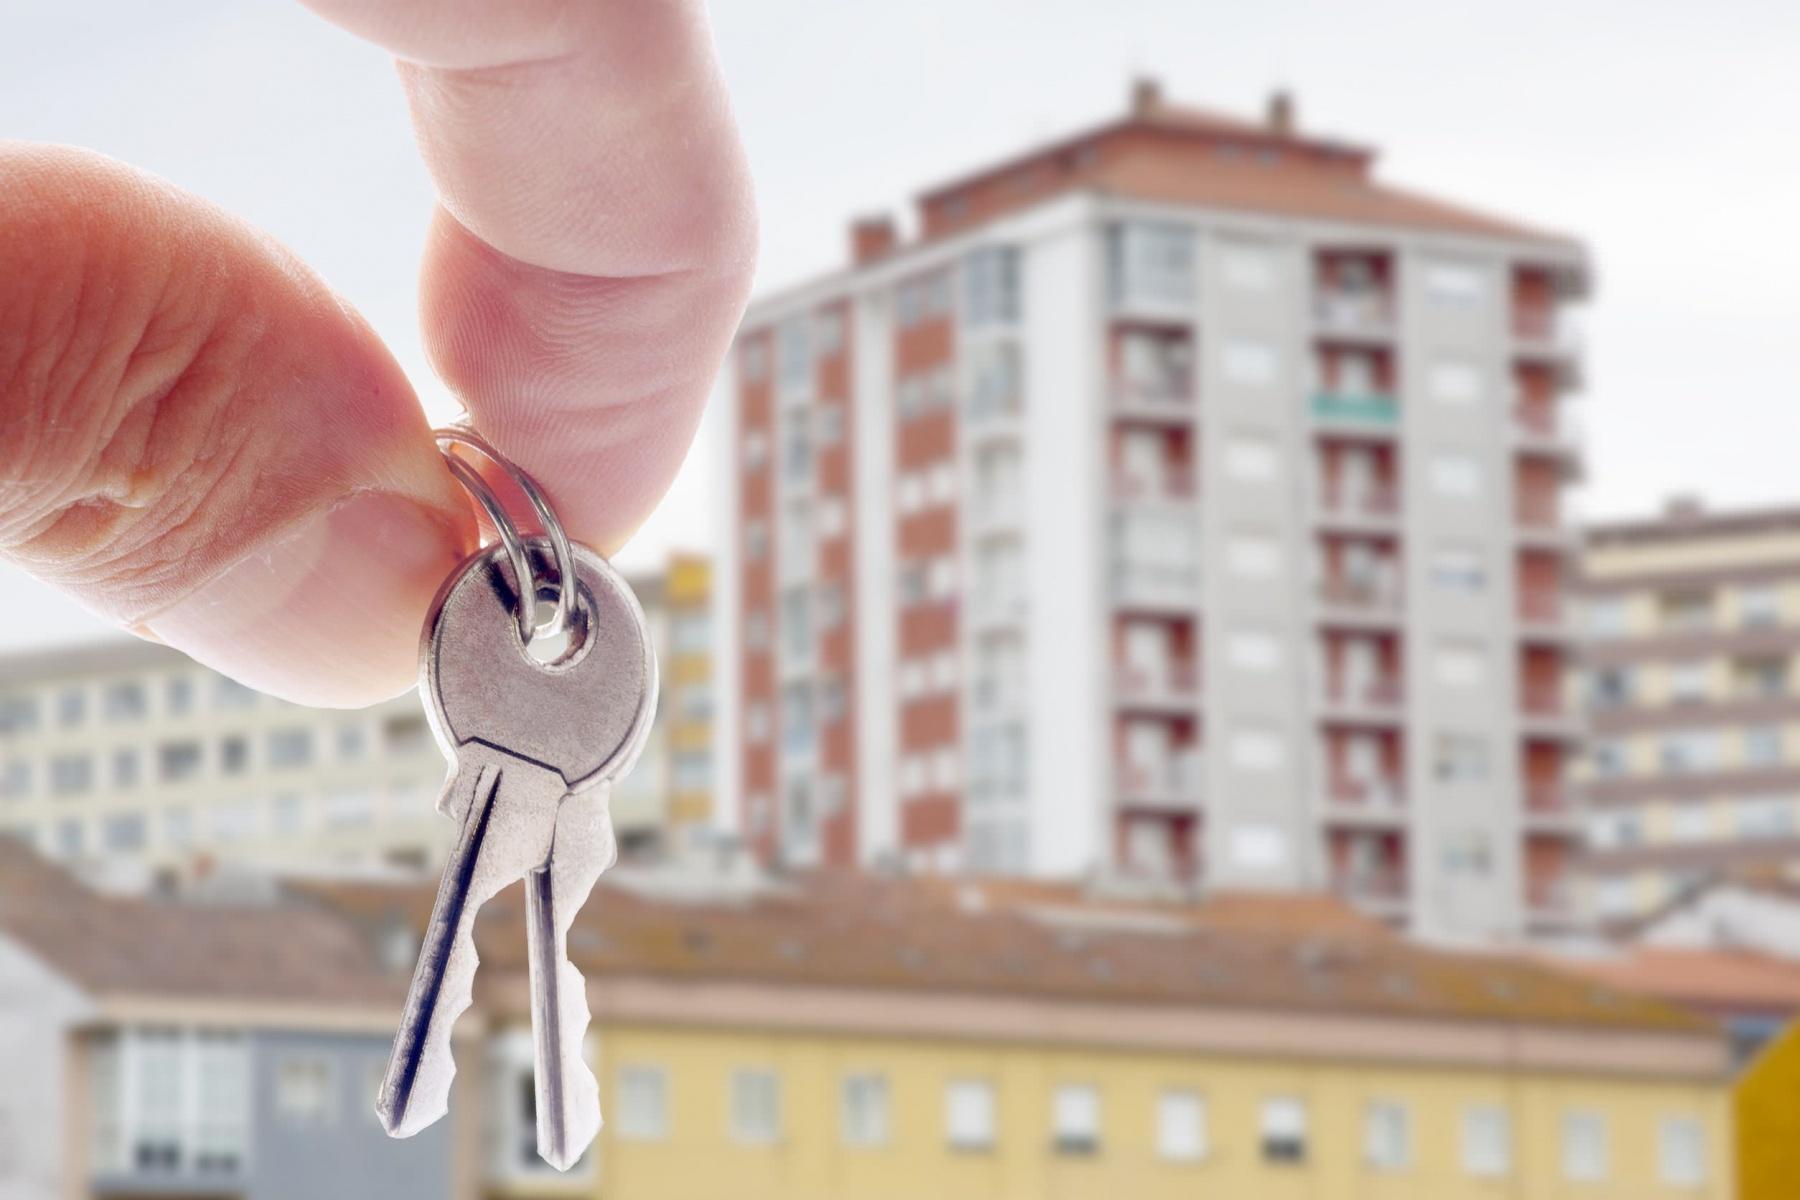 ВСамаре только 12% собственников дорогого жилья идут наторг спокупателями